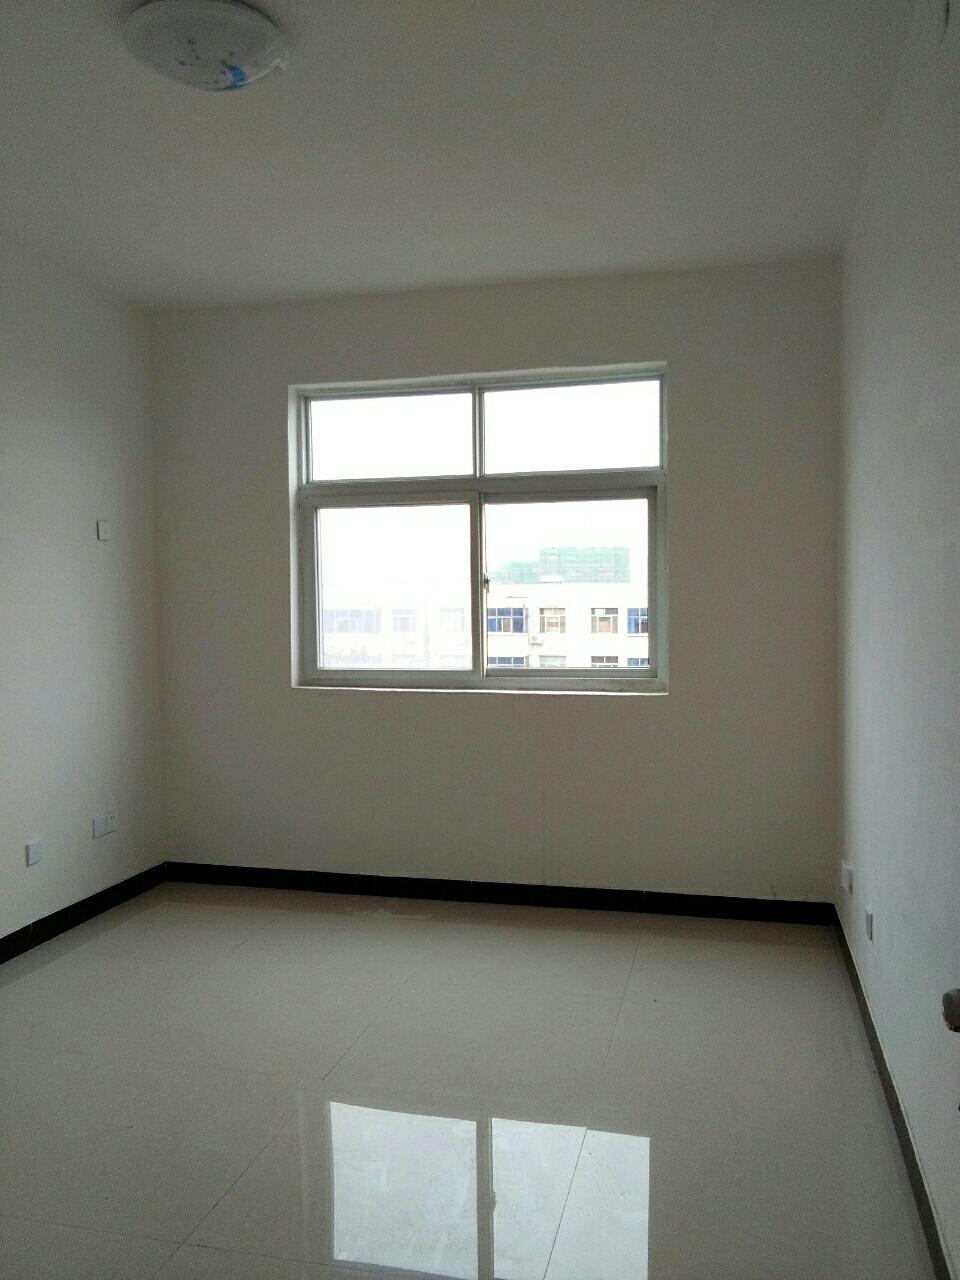 北马道五楼不是顶层3室2厅储藏室800元/月